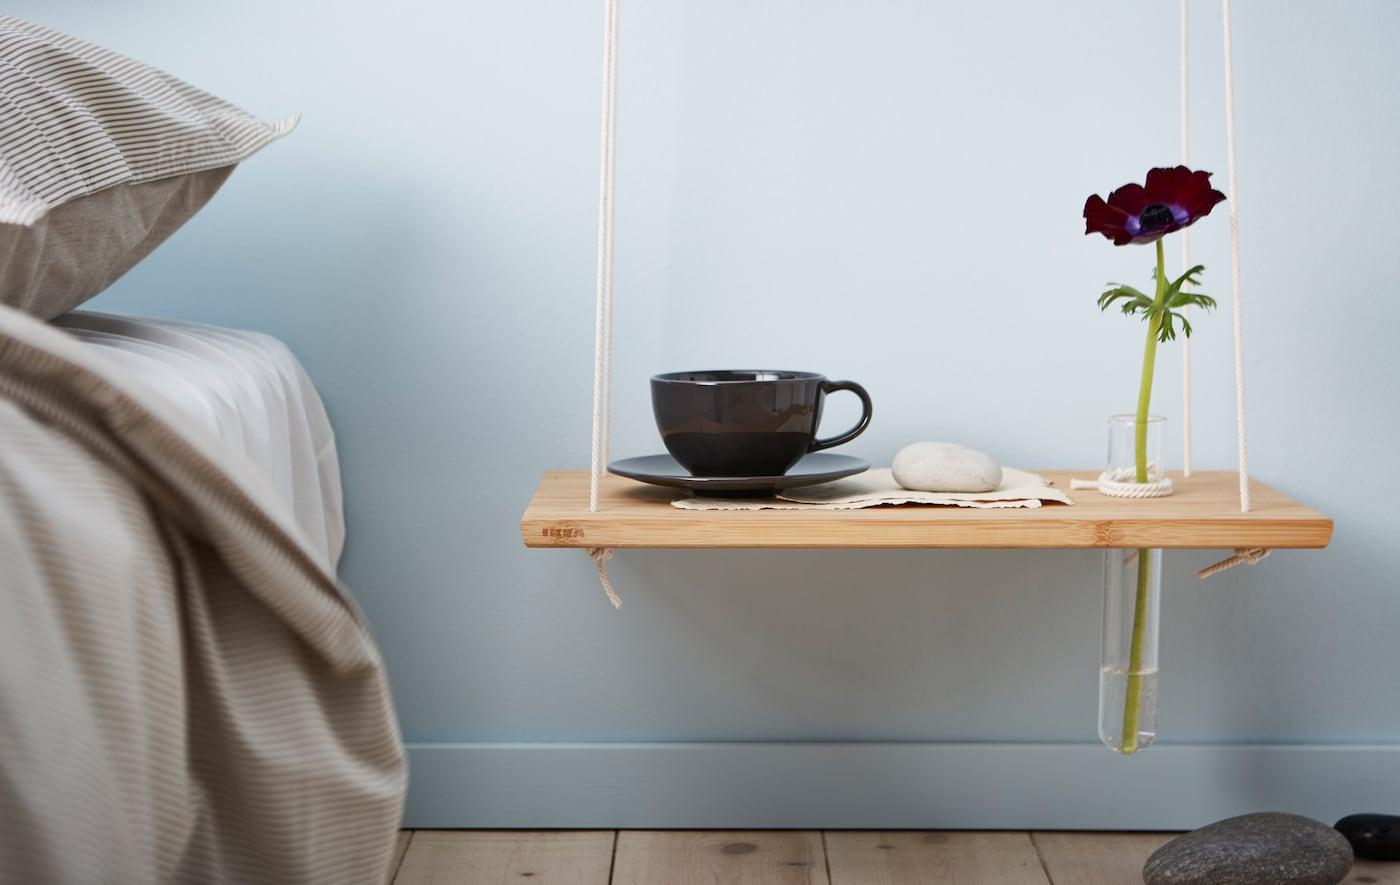 Comodini fai-da-te ricavati da pensili a forma di cubo, un tagliere sospeso e un contenitore appoggiato su dei vasi per piante - IKEA